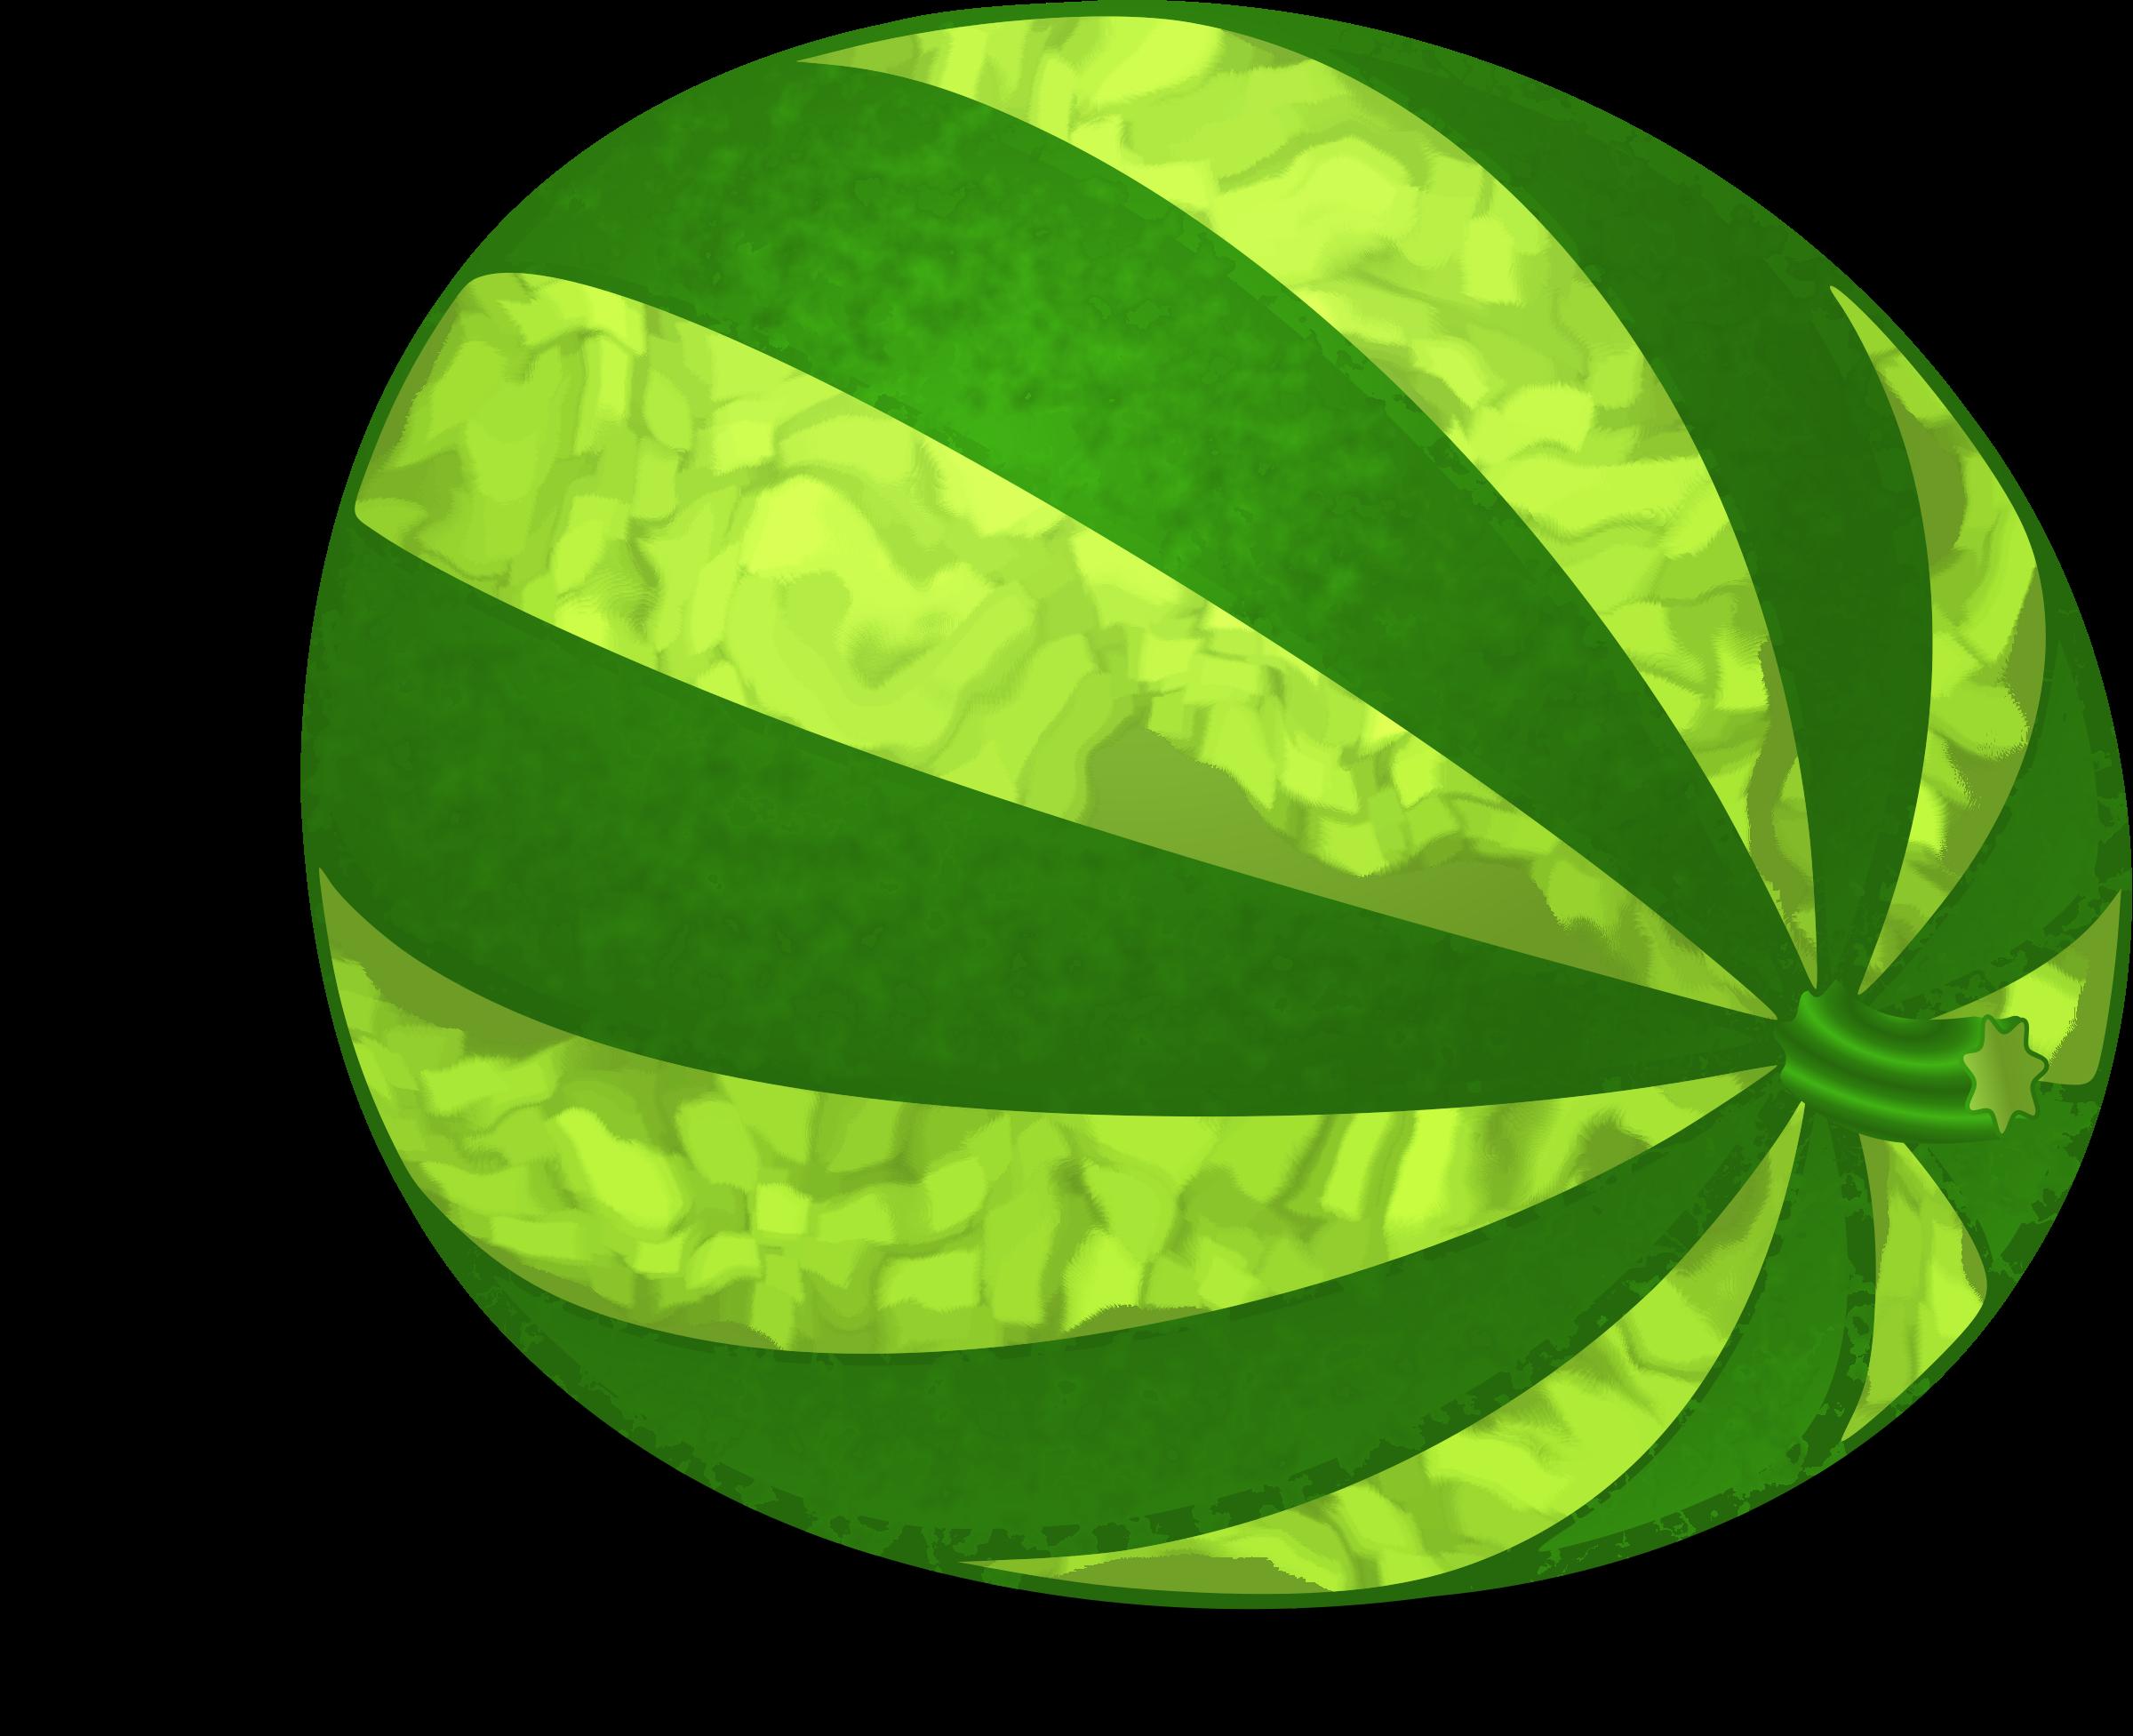 Watermelon clipart whole. Png jokingart com transparent